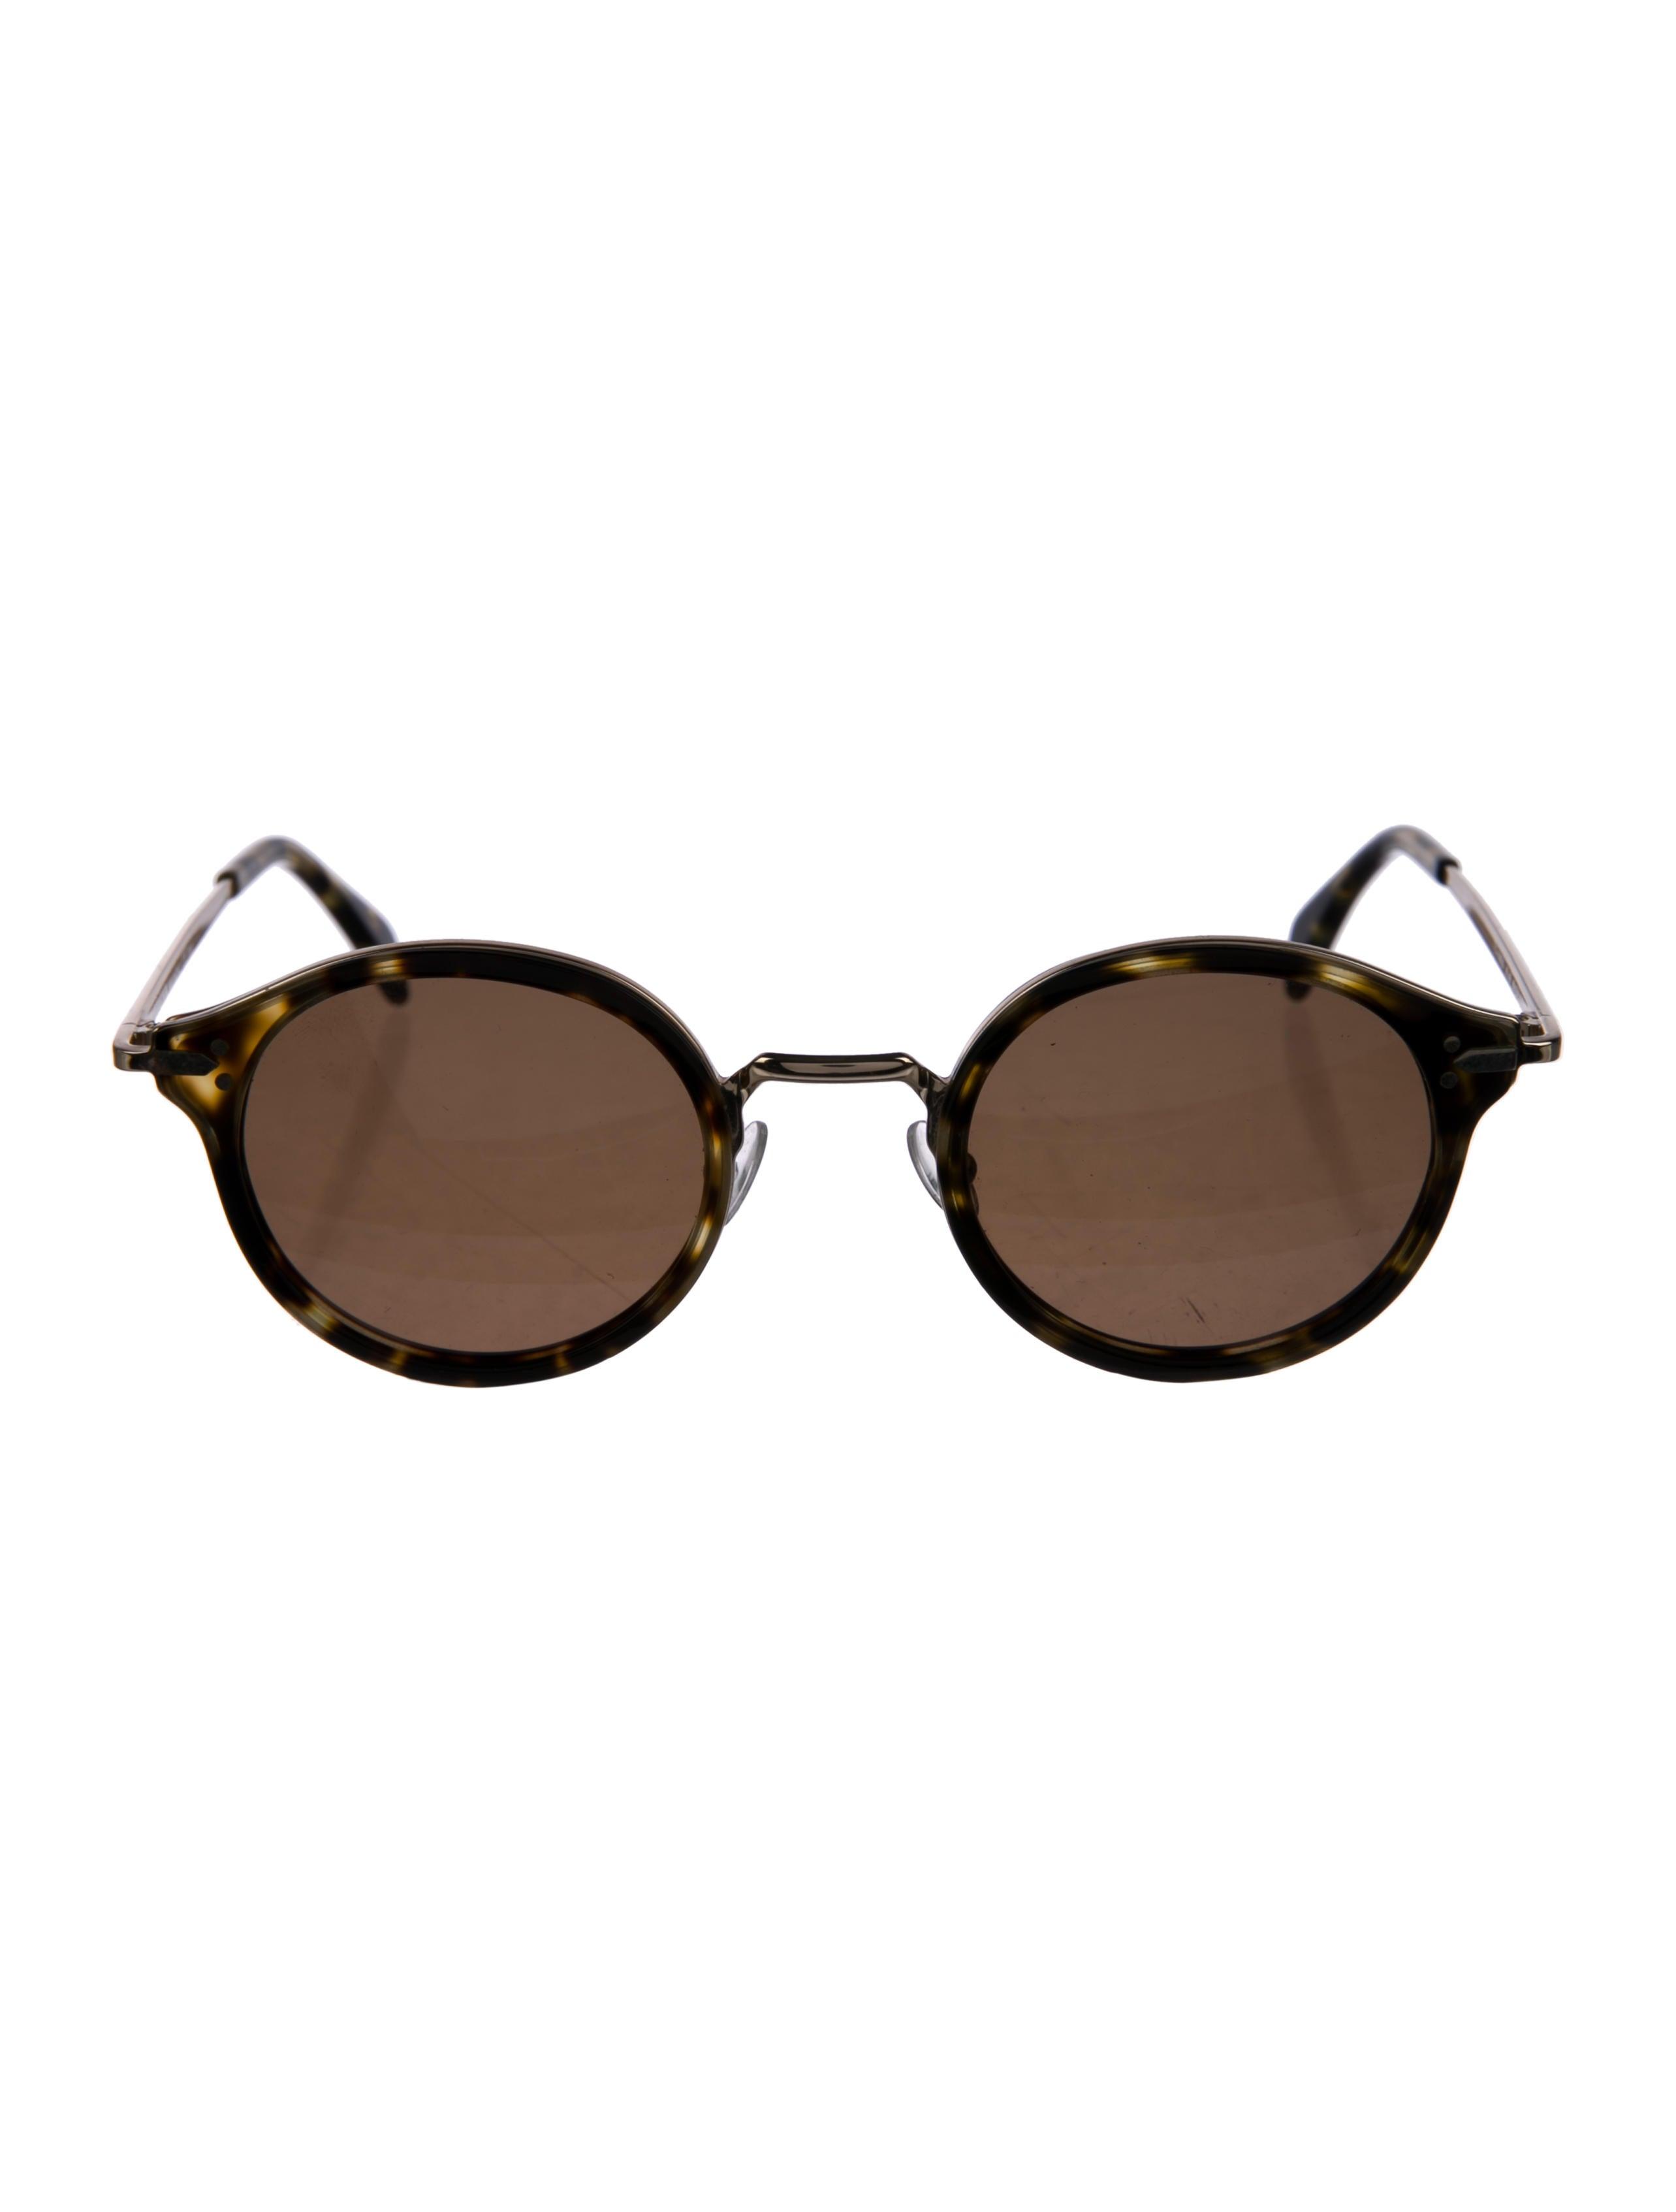 Cline Stiletto Round Sunglasses